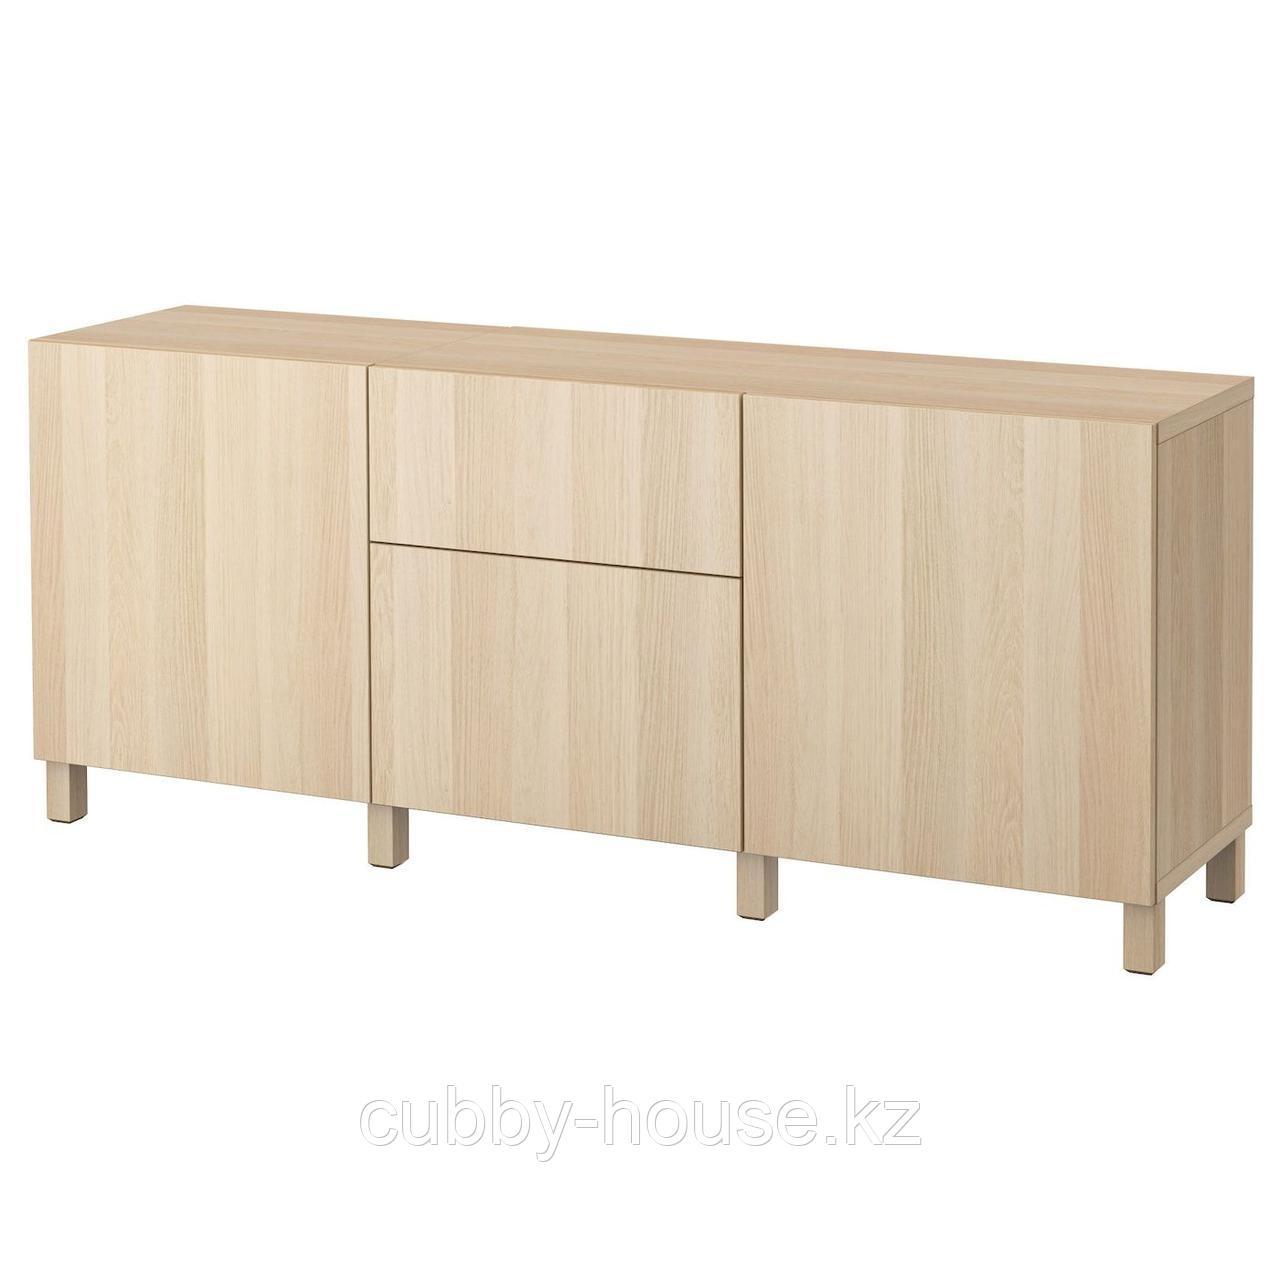 БЕСТО Комбинация для хранения с ящиками, Лаппвикен белый, 180x40x74 см